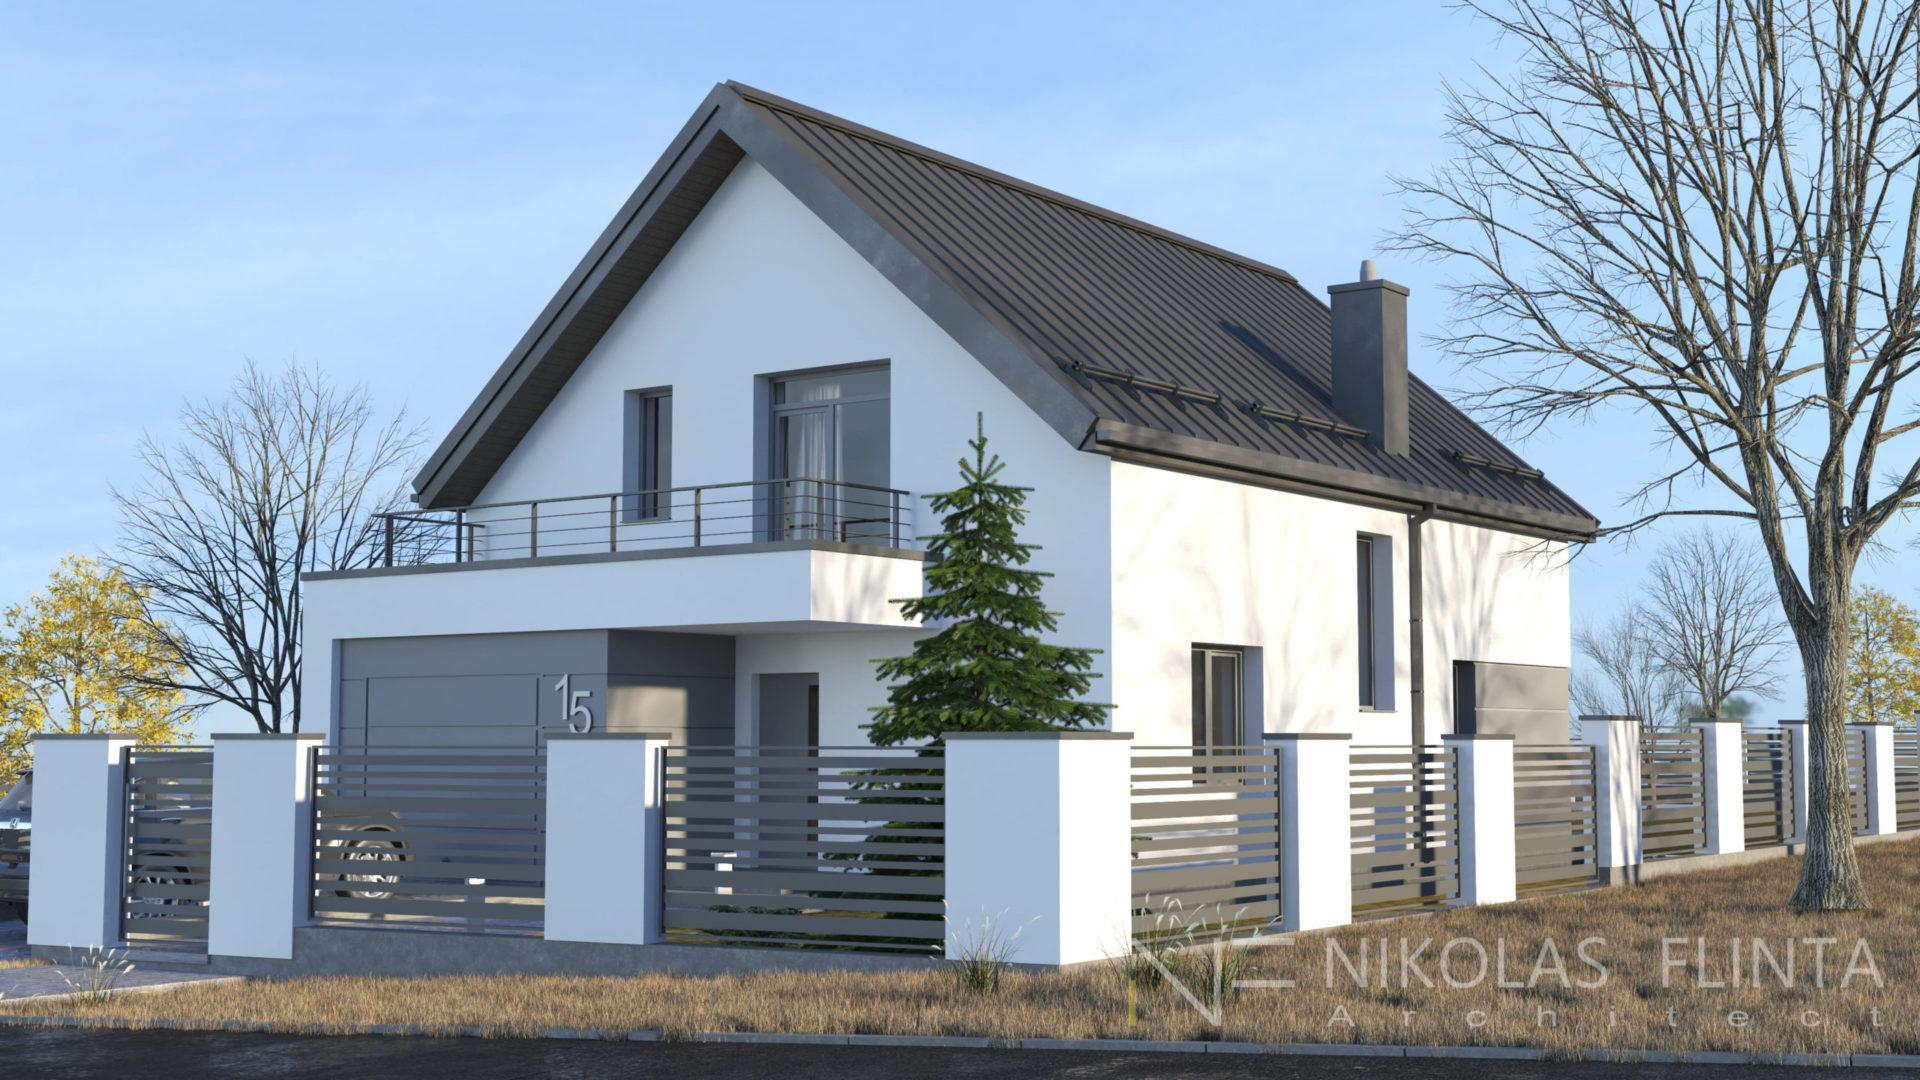 House-09CD_02-scaled.jpg